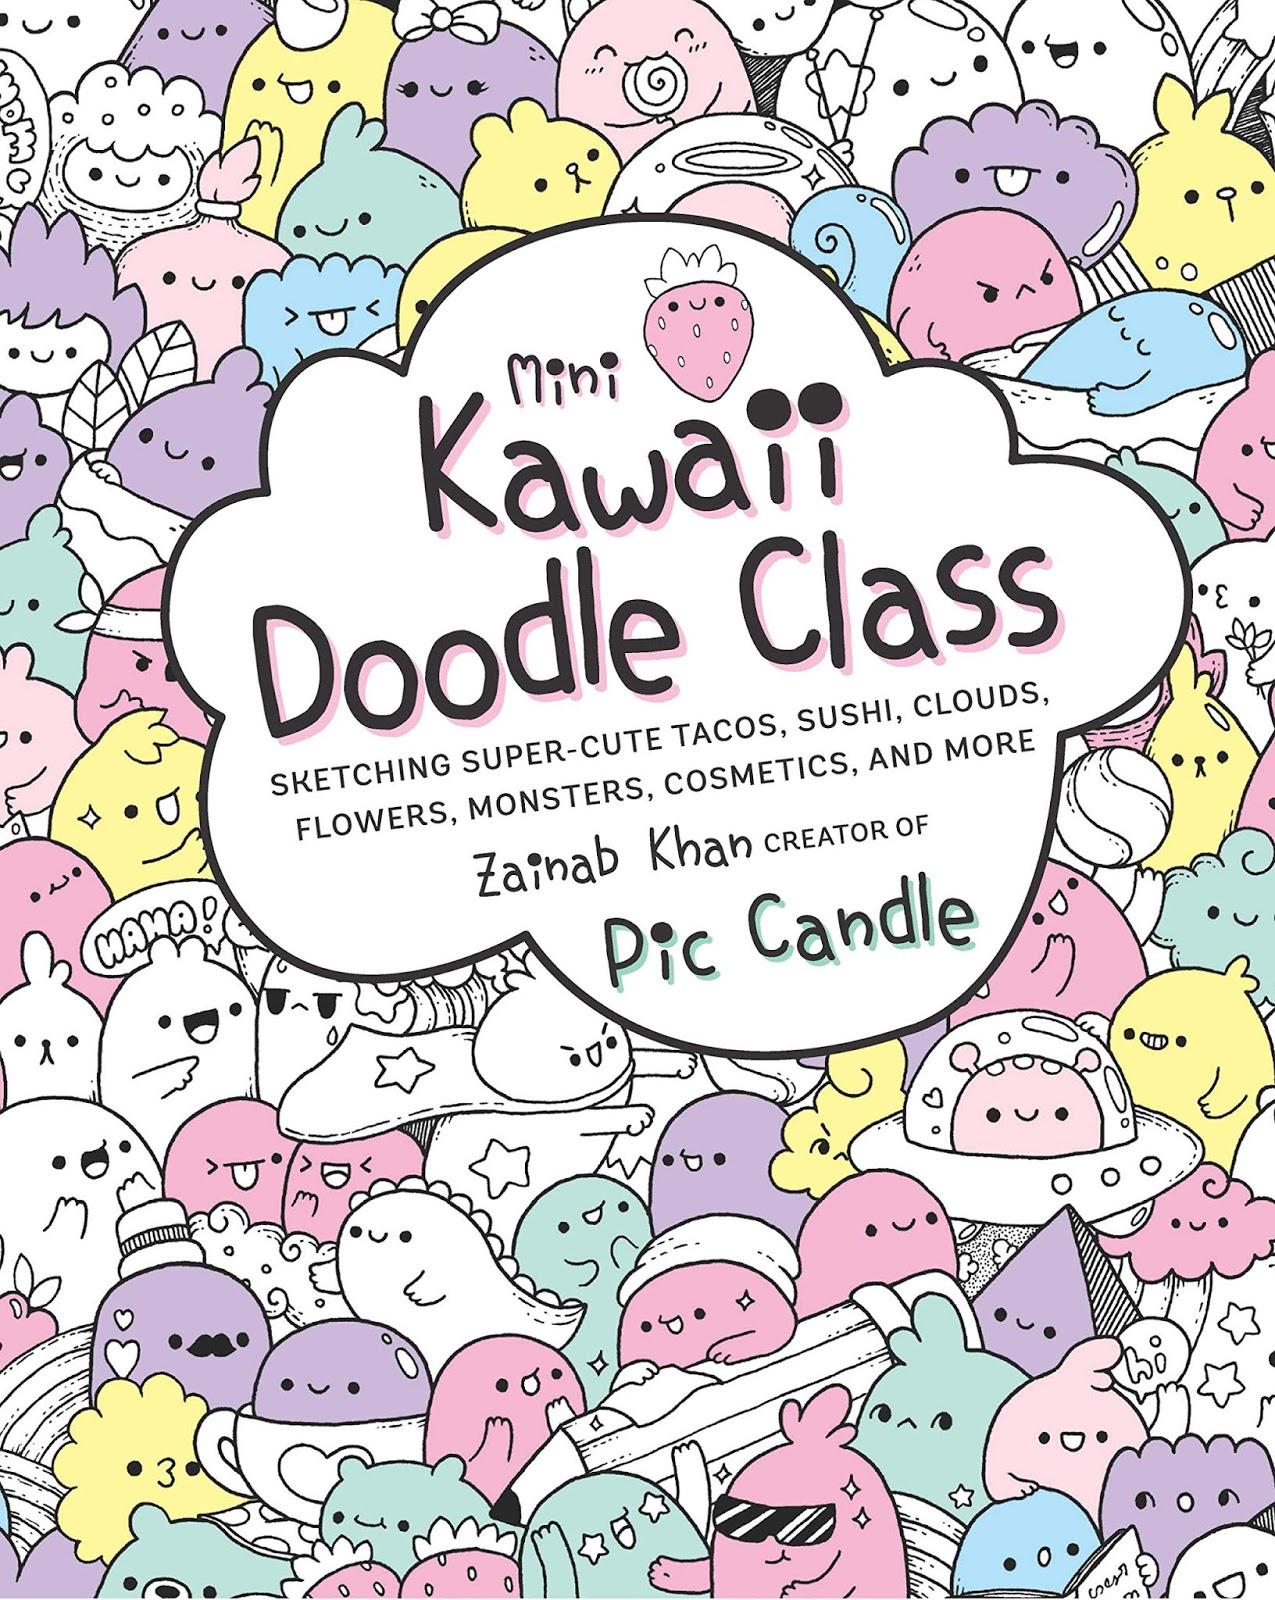 Dad Of Divas Reviews Book Review Mini Kawaii Doodle Class